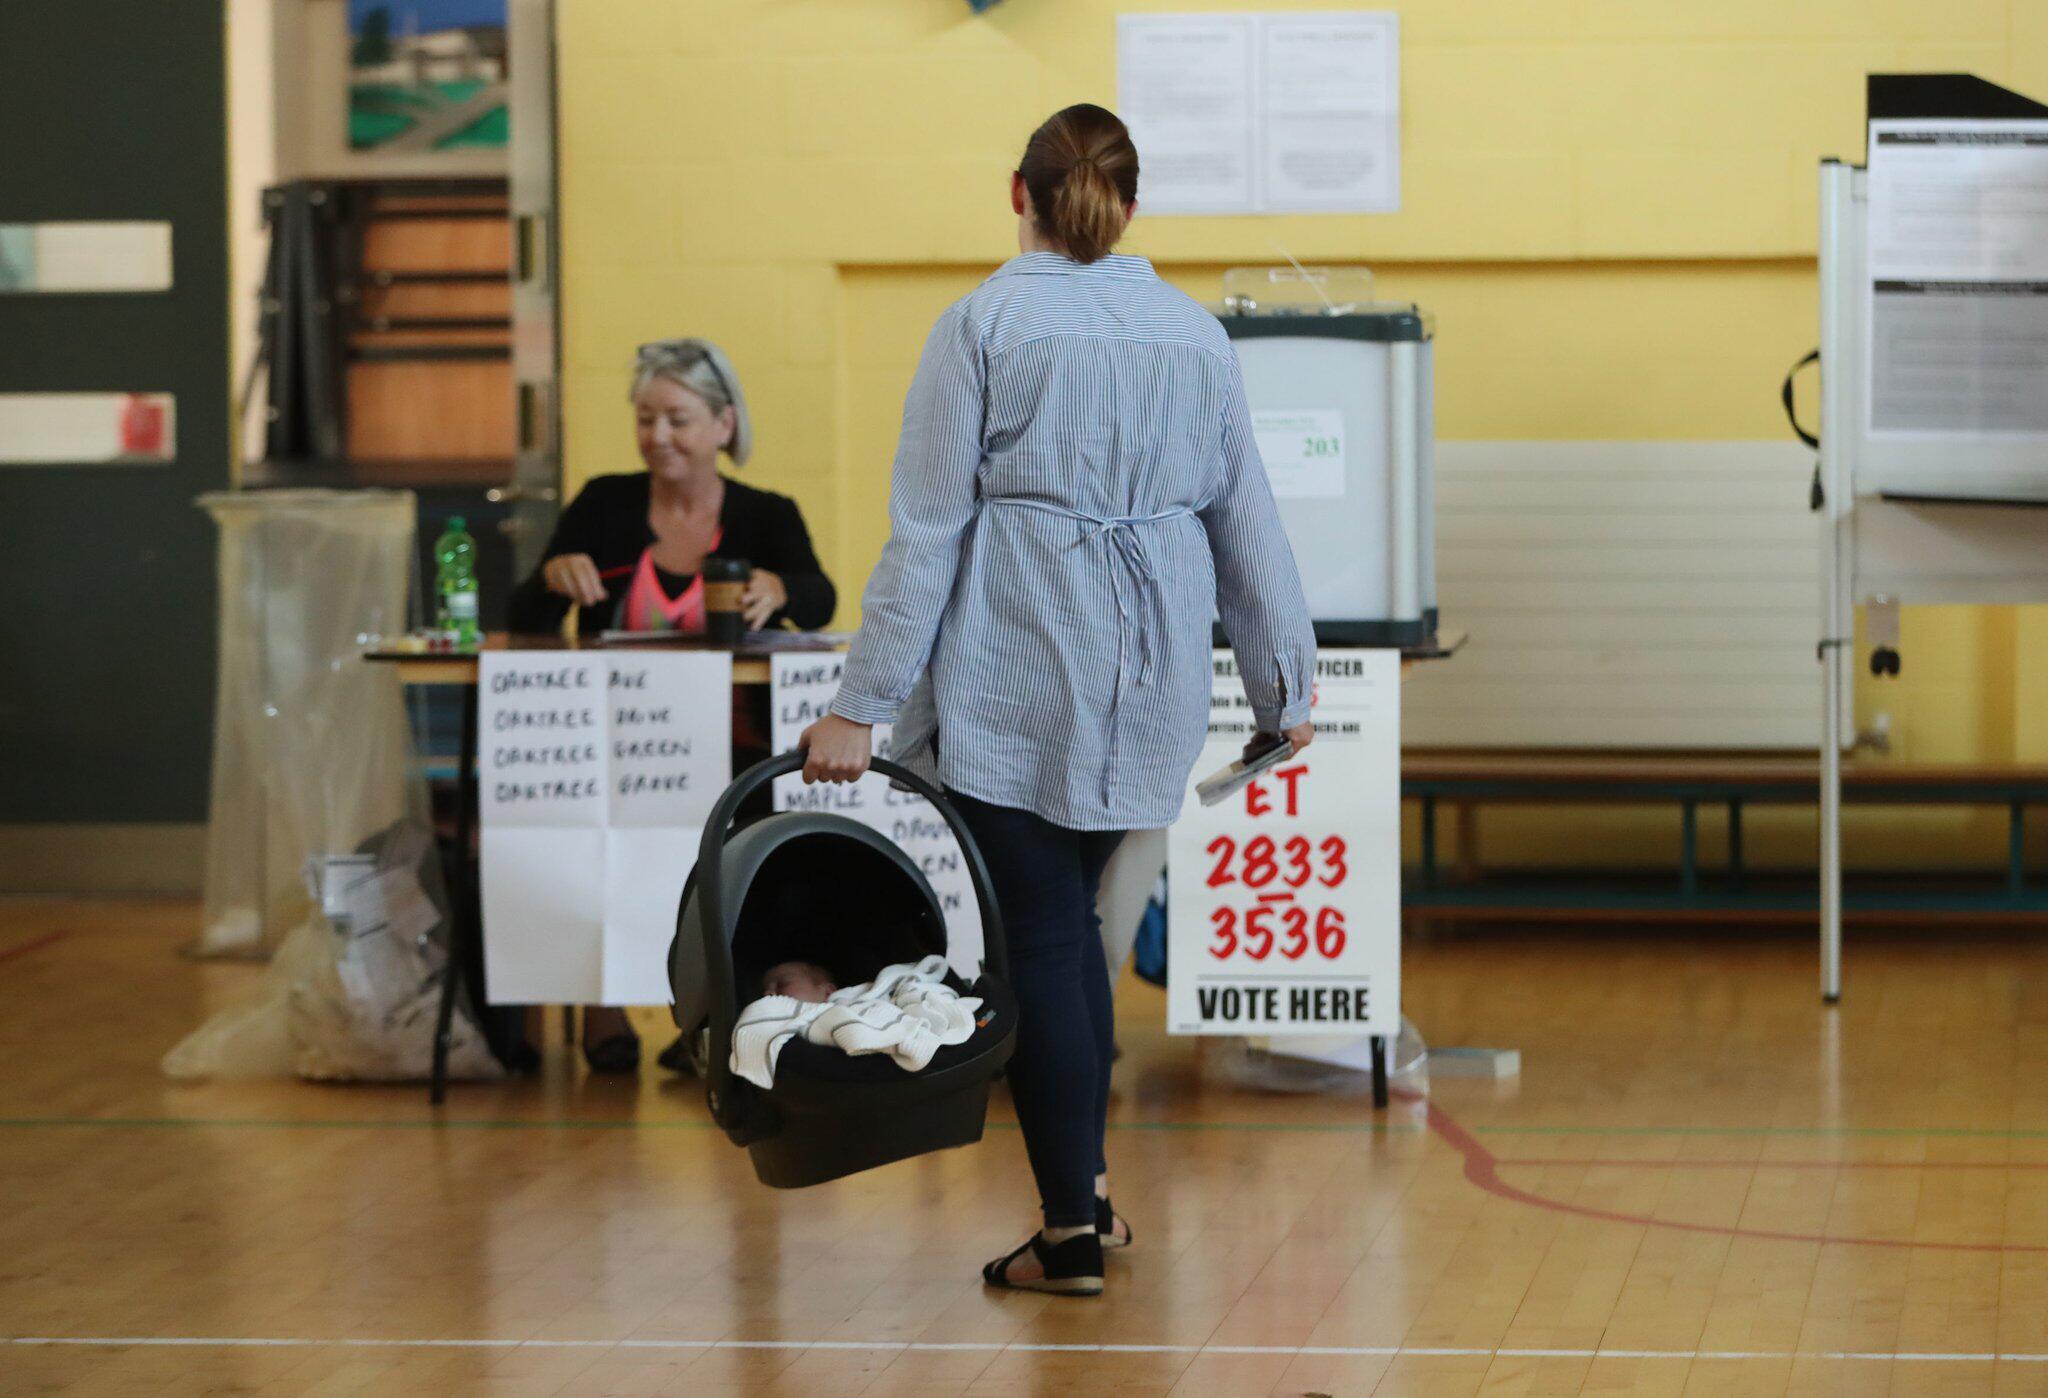 Bild zu Referendum in Irland